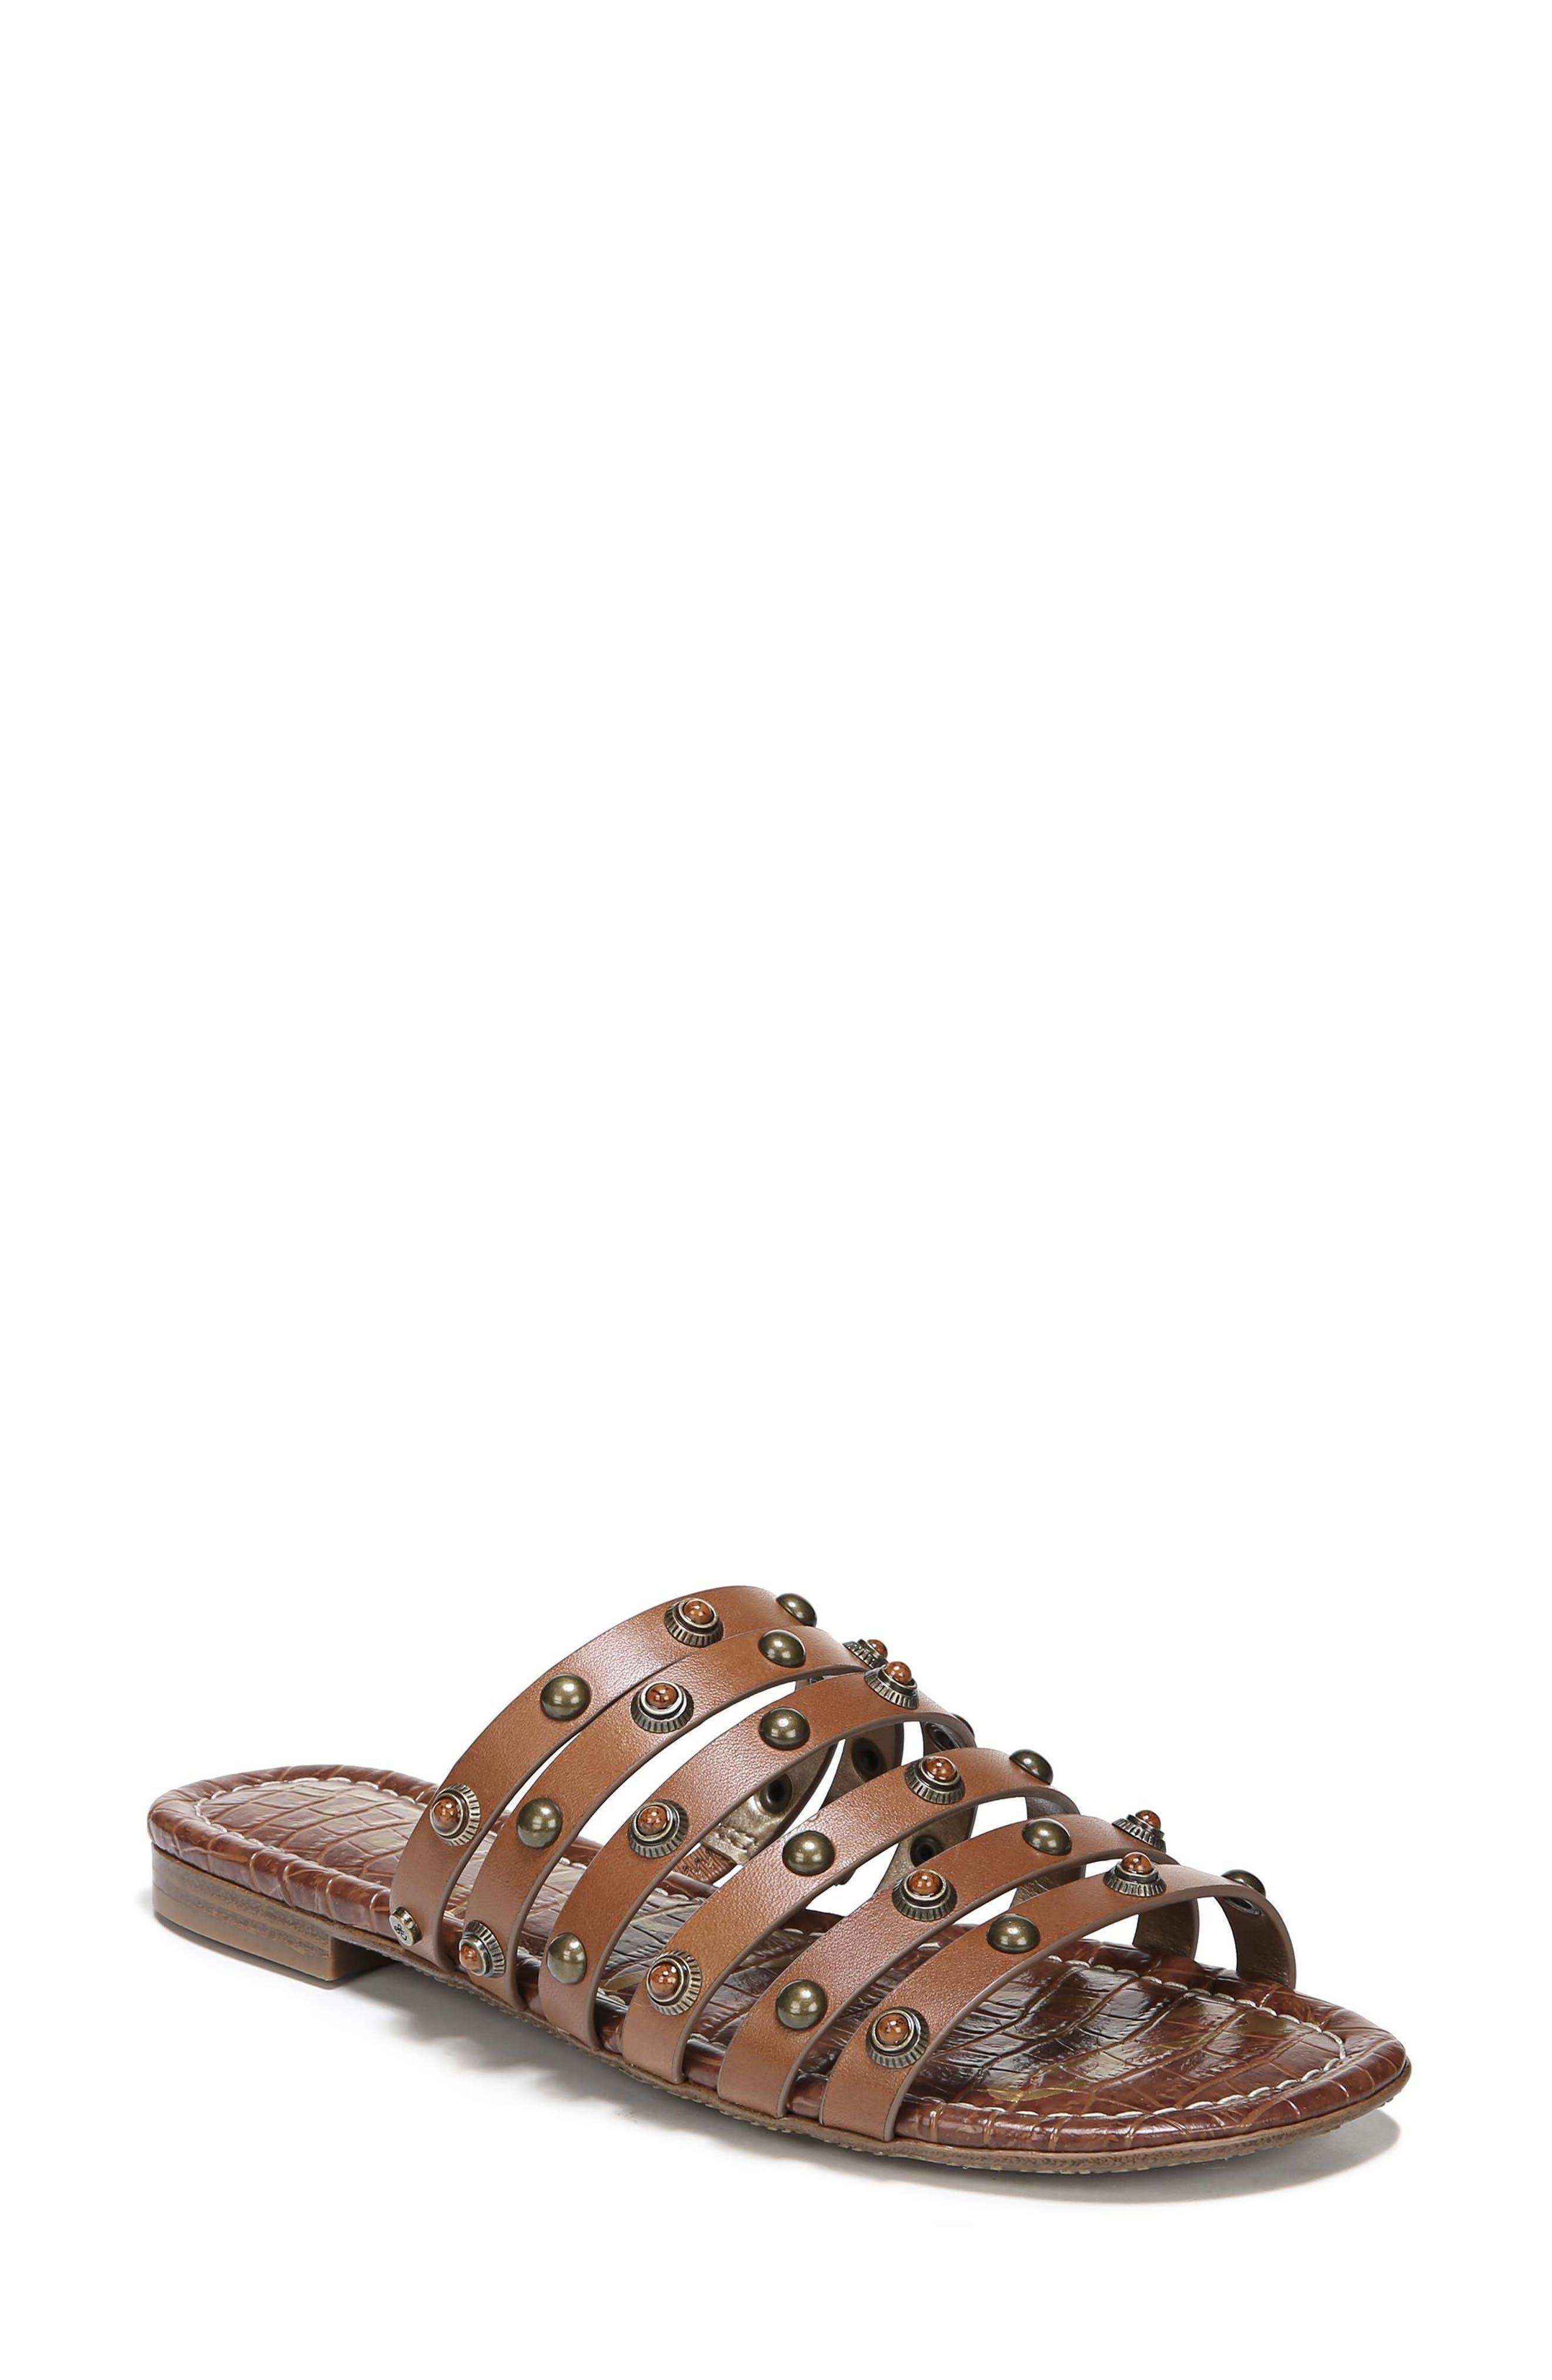 Brea Studded Slide Sandal,                         Main,                         color, Luggage Leather